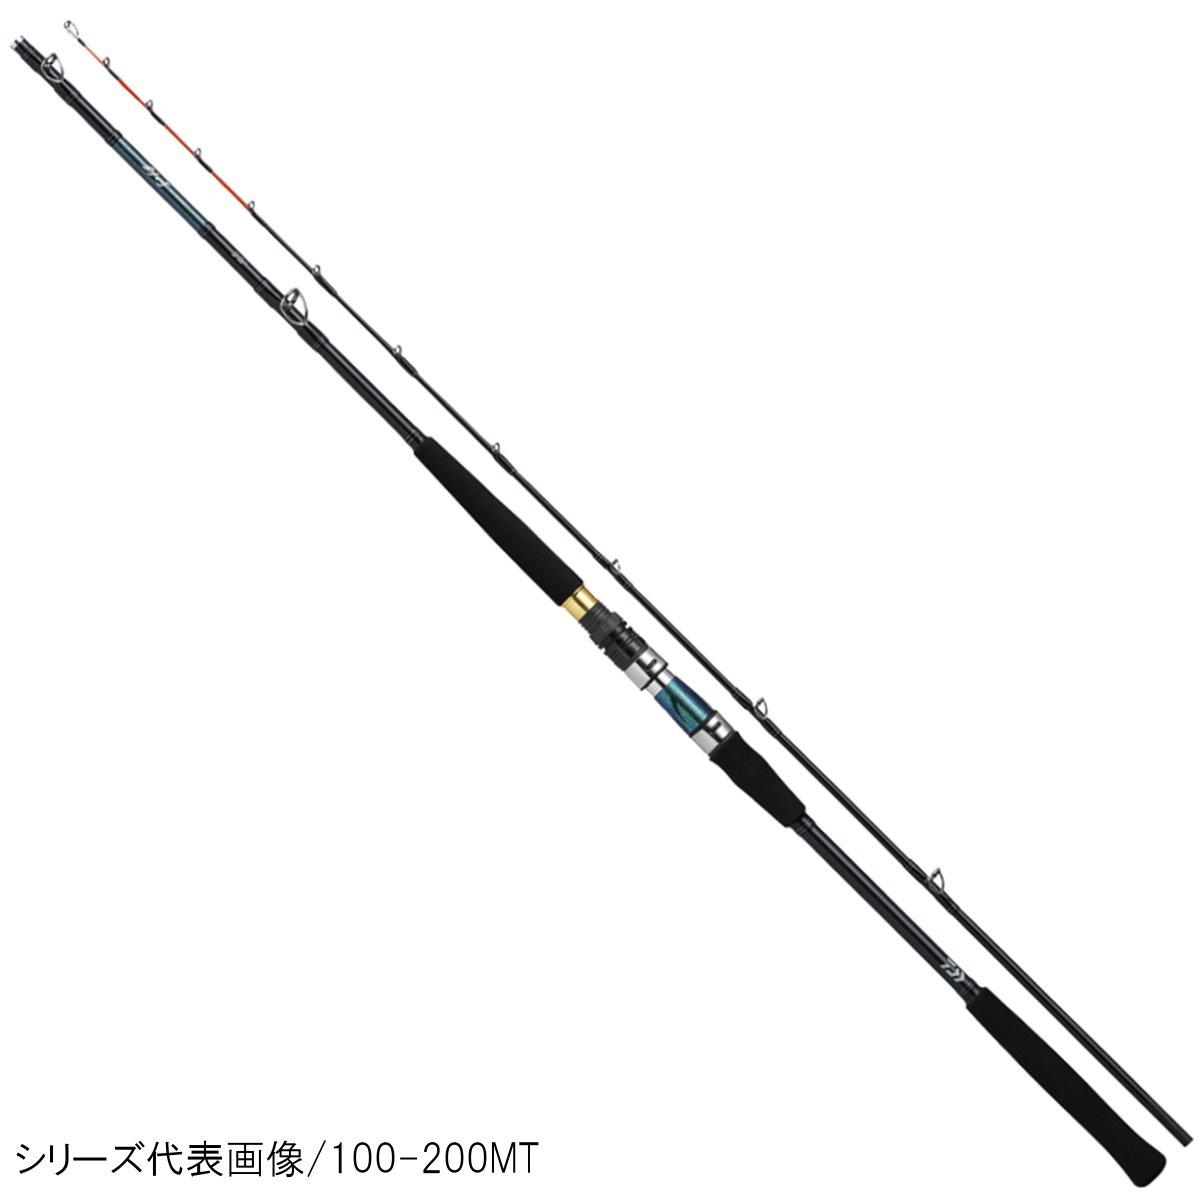 ダイワ 剣崎 MT 100-170MT